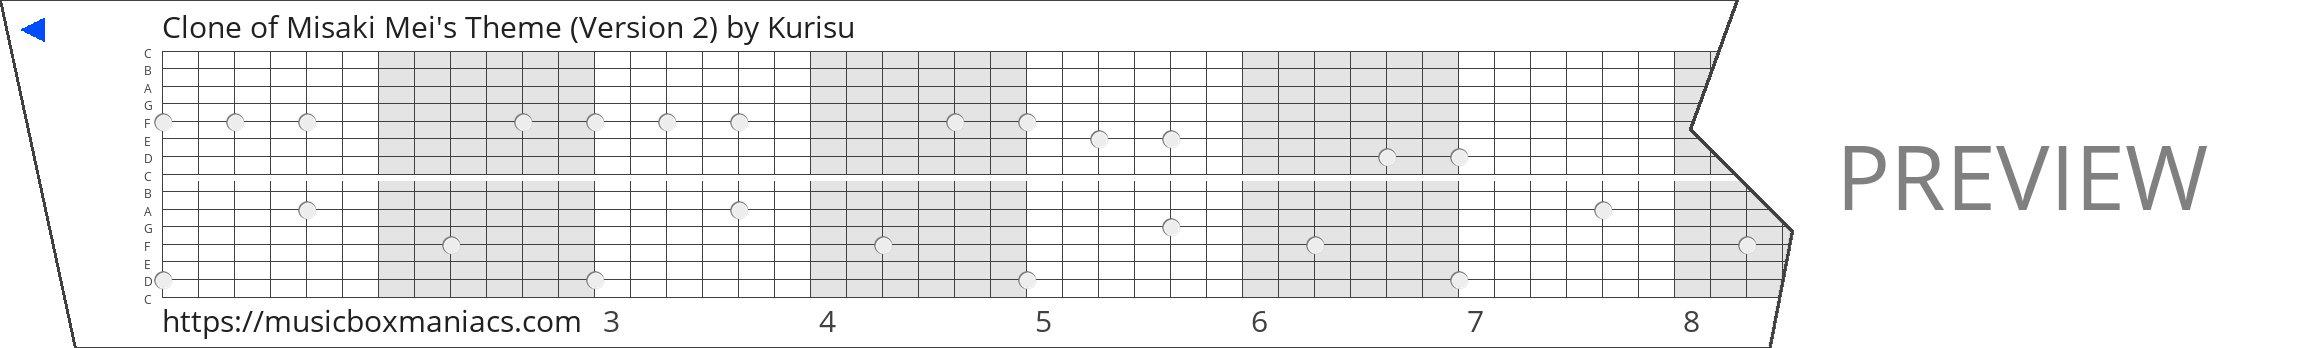 Clone of Misaki Mei's Theme (Version 2) 15 note music box paper strip